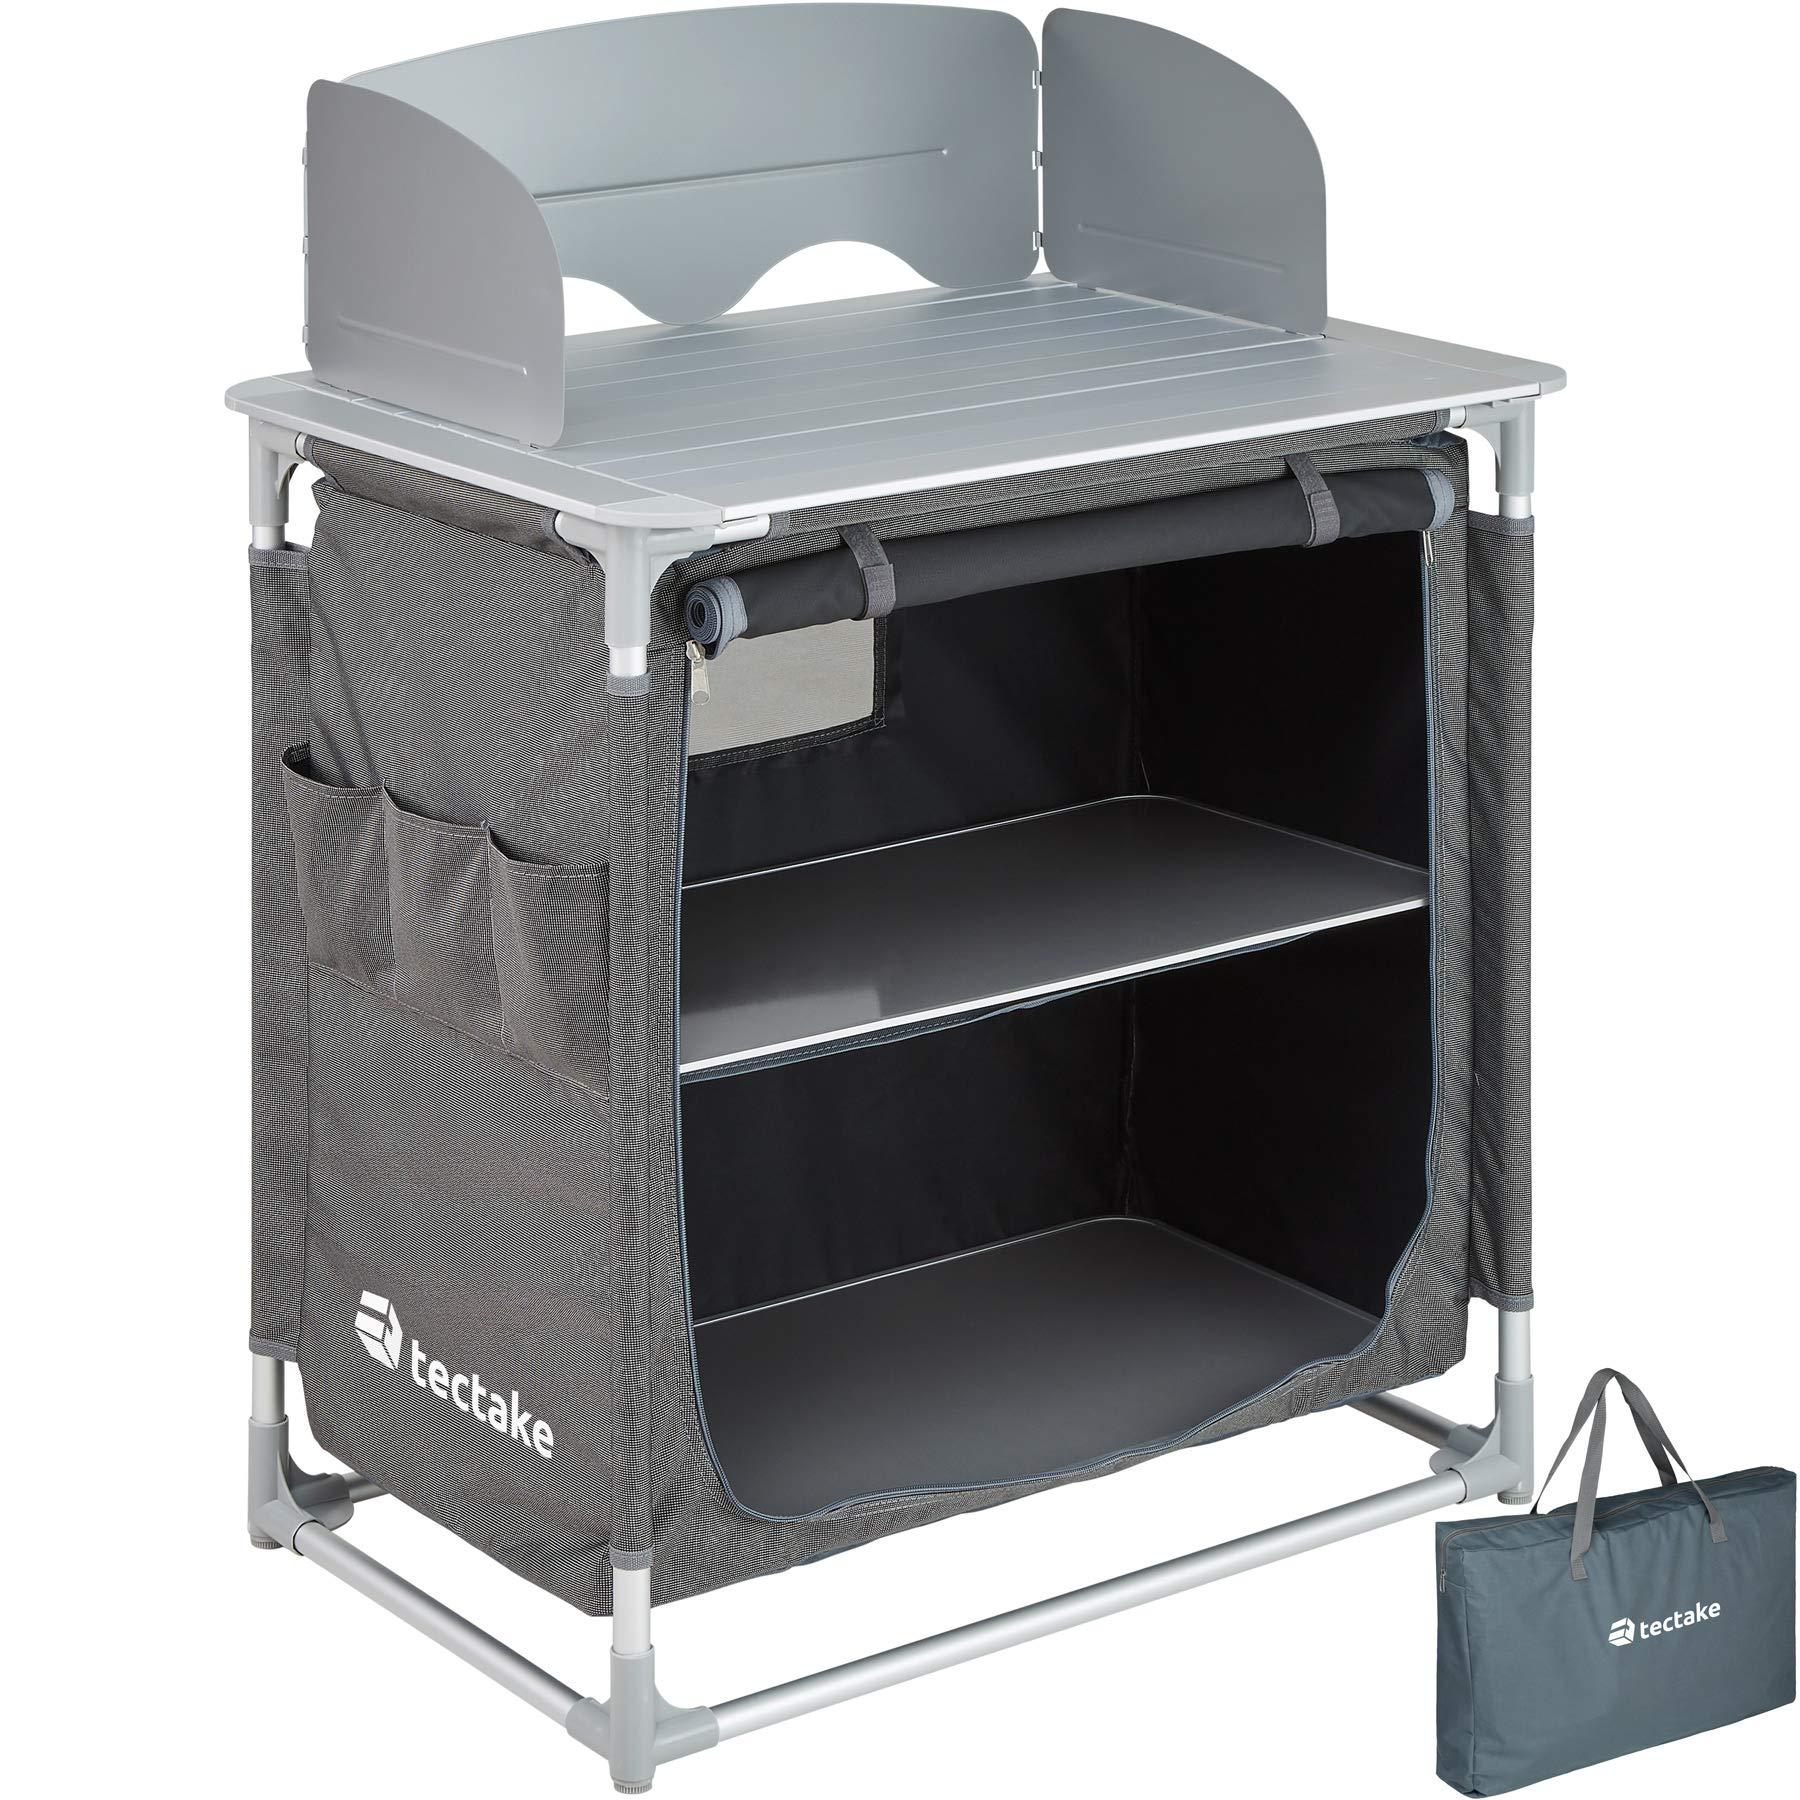 TecTake 800585 - Cocina de Camping, Aluminio, Ligera, Plegable - Varios Modelos (Tipo 3 | No. 402921): Amazon.es: Deportes y aire libre